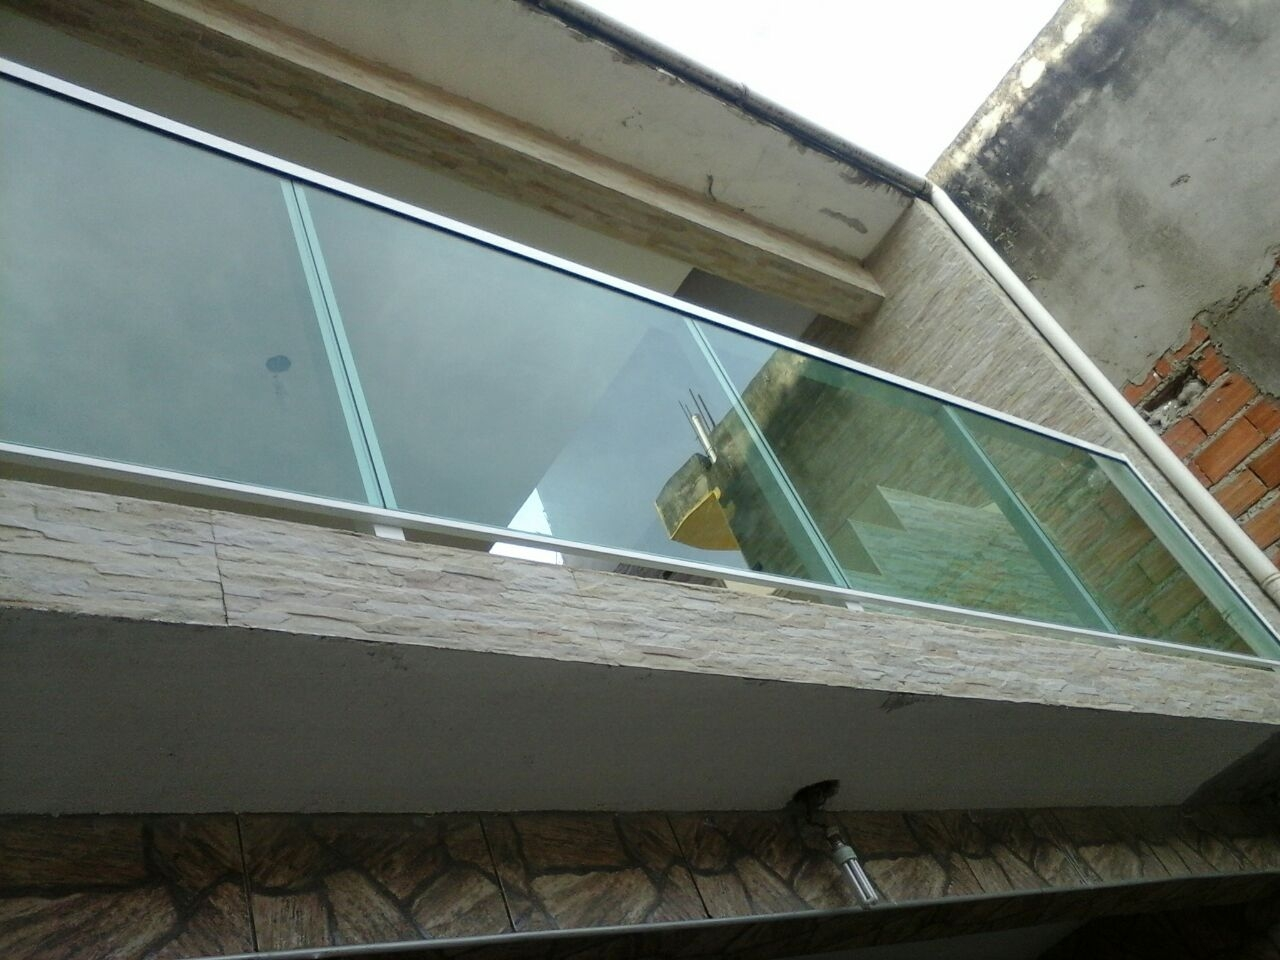 Empresas Serviços de Vidraçaria em Guarulhos - Vidraçaria em Guarulhos